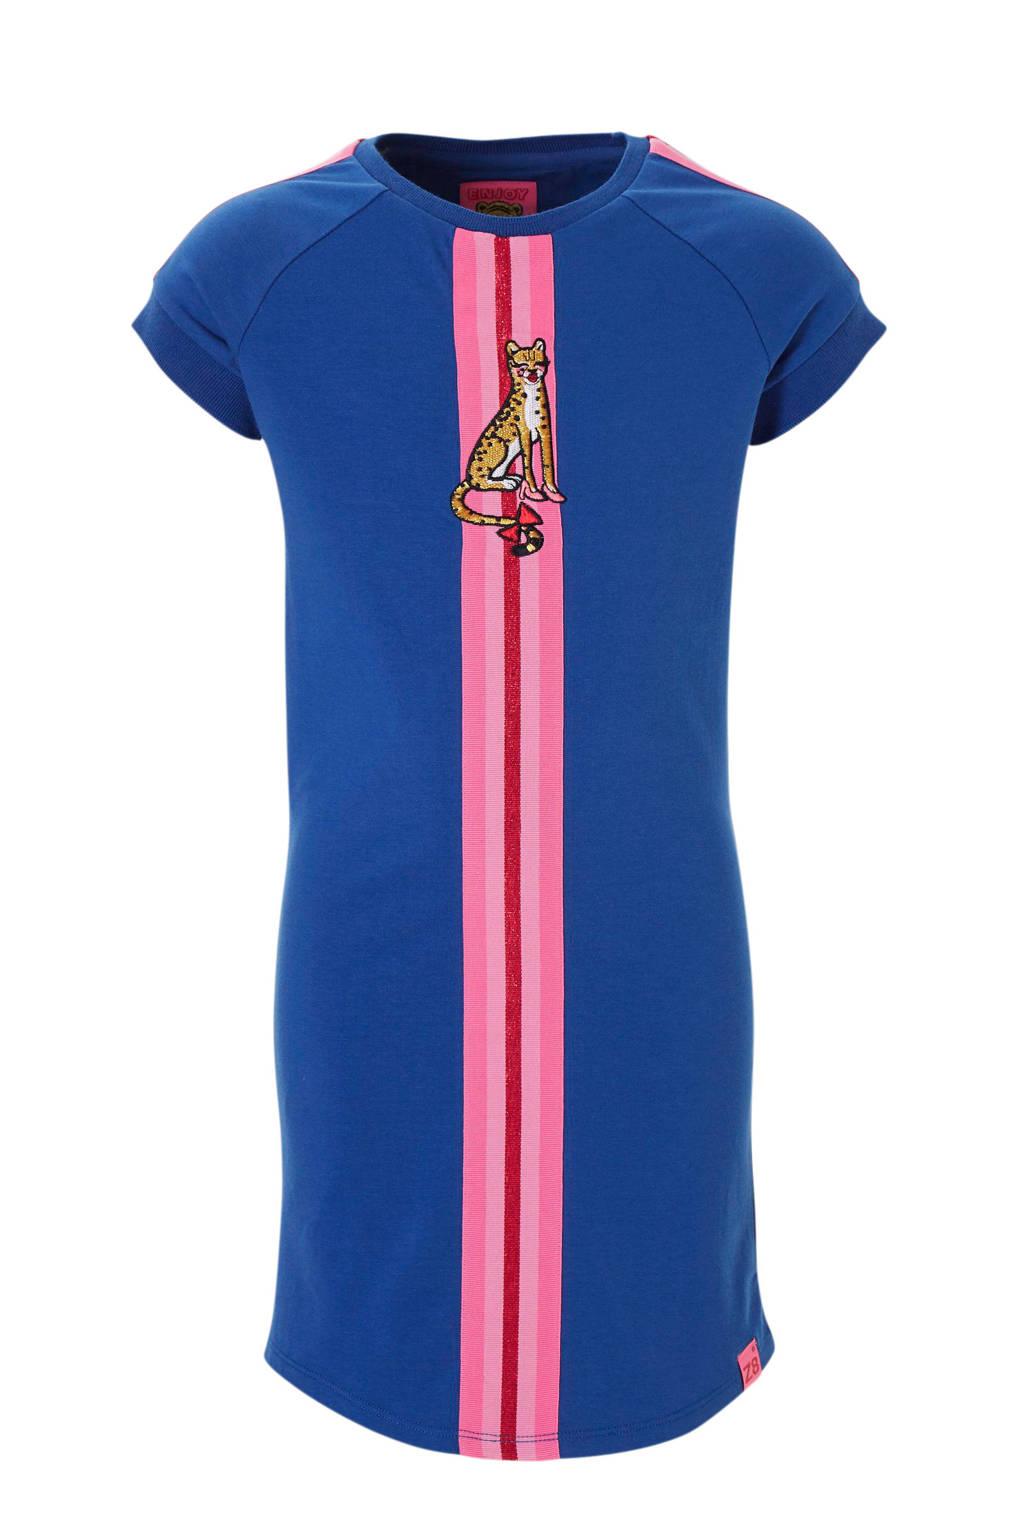 Z8 jurk Abigail met streep en panter blauw, Blauw/roze